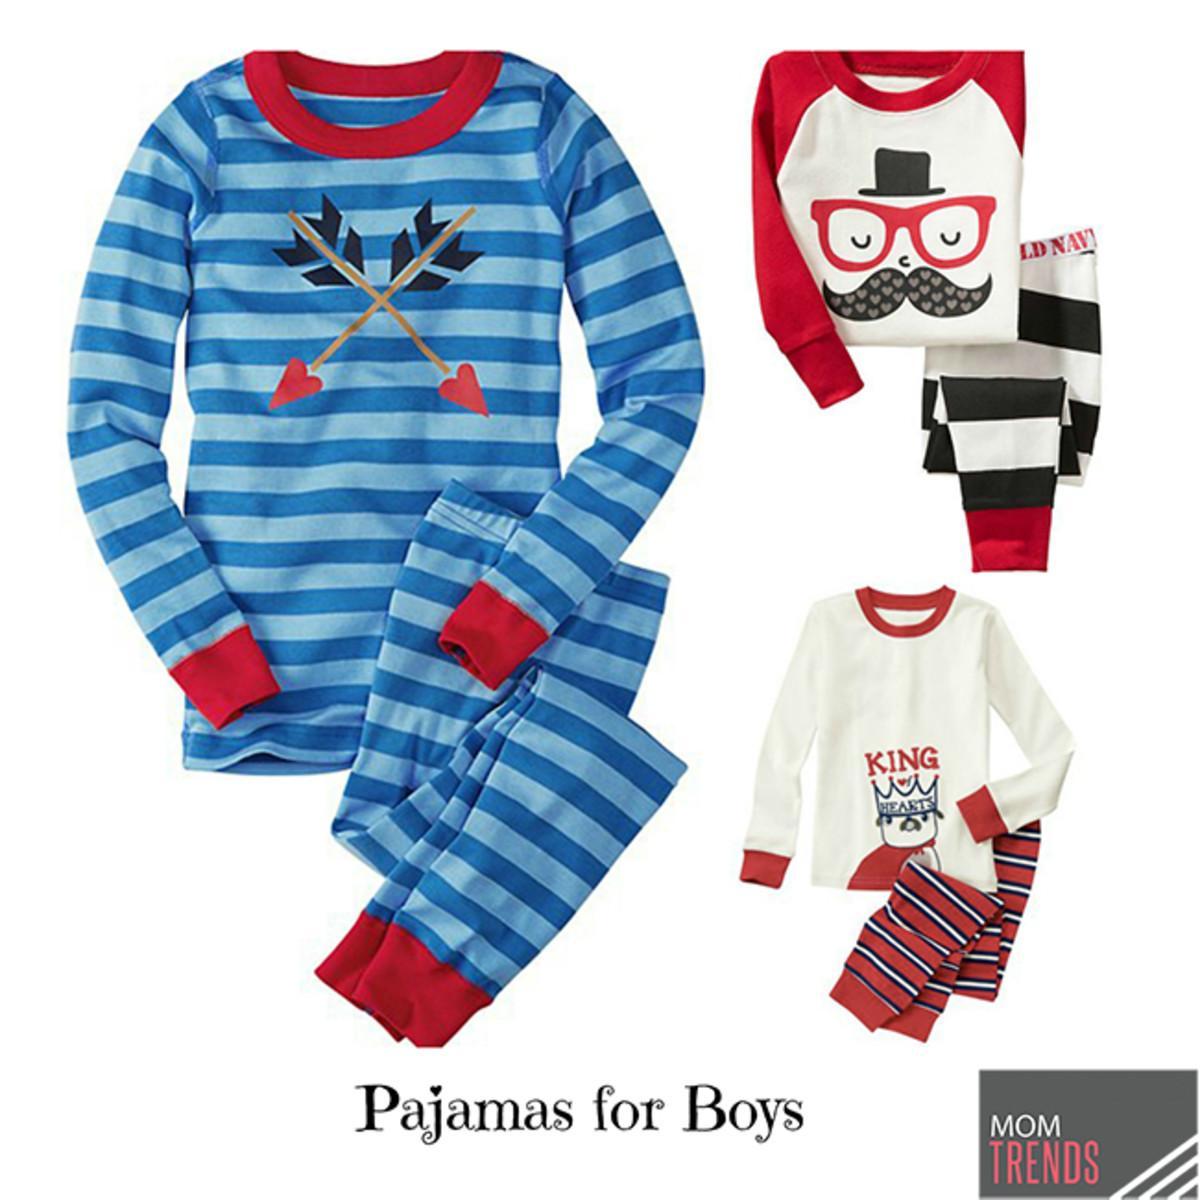 valentines day pajamas for boys - Valentines Day Pajamas